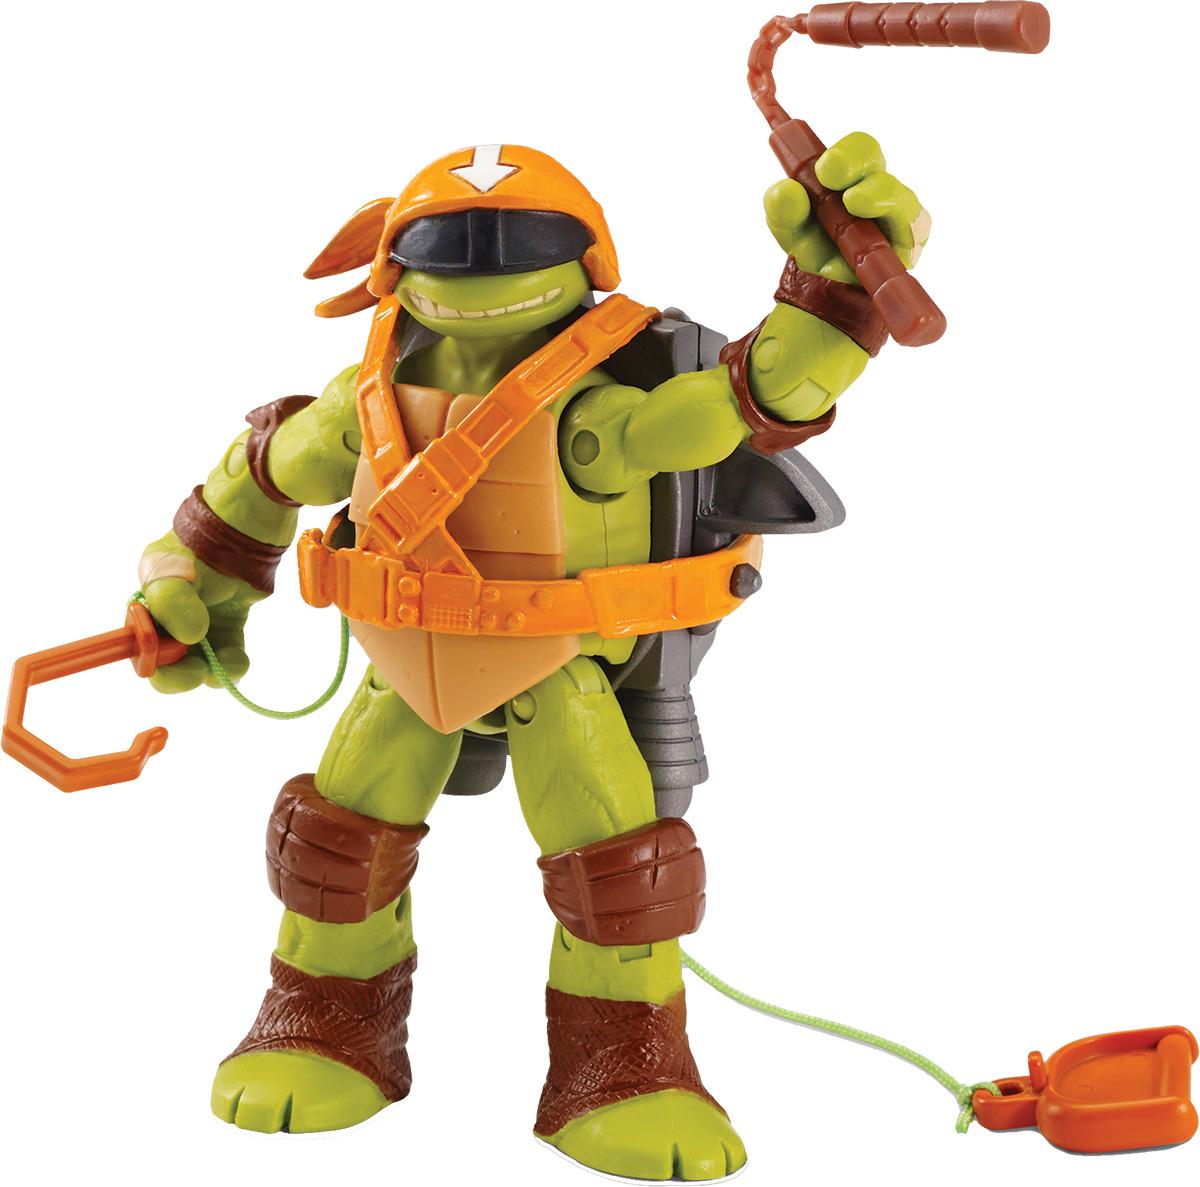 Черепашки Ниндзя Фигурка Микеланджело-шпион игровой набор turtles боевое снаряжение черепашки ниндзя микеланджело 4 предмета